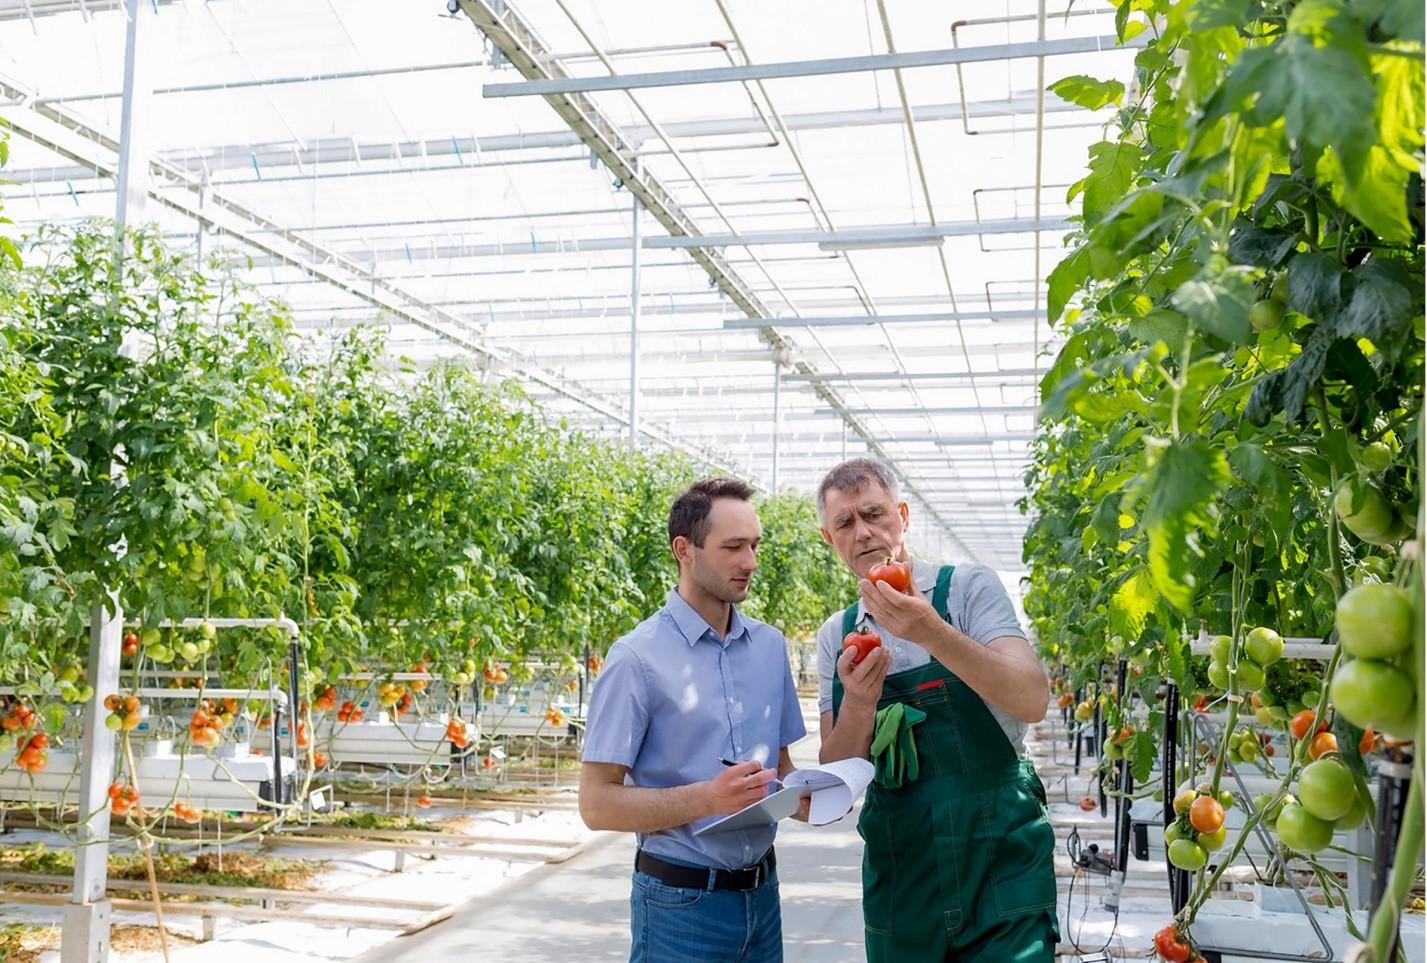 Không ngừng theo đuổi chất lượng, các chuyên gia nông nghiệp của Gerber nỗ lực cải tiến sản phẩm ngày càng tốt hơn.